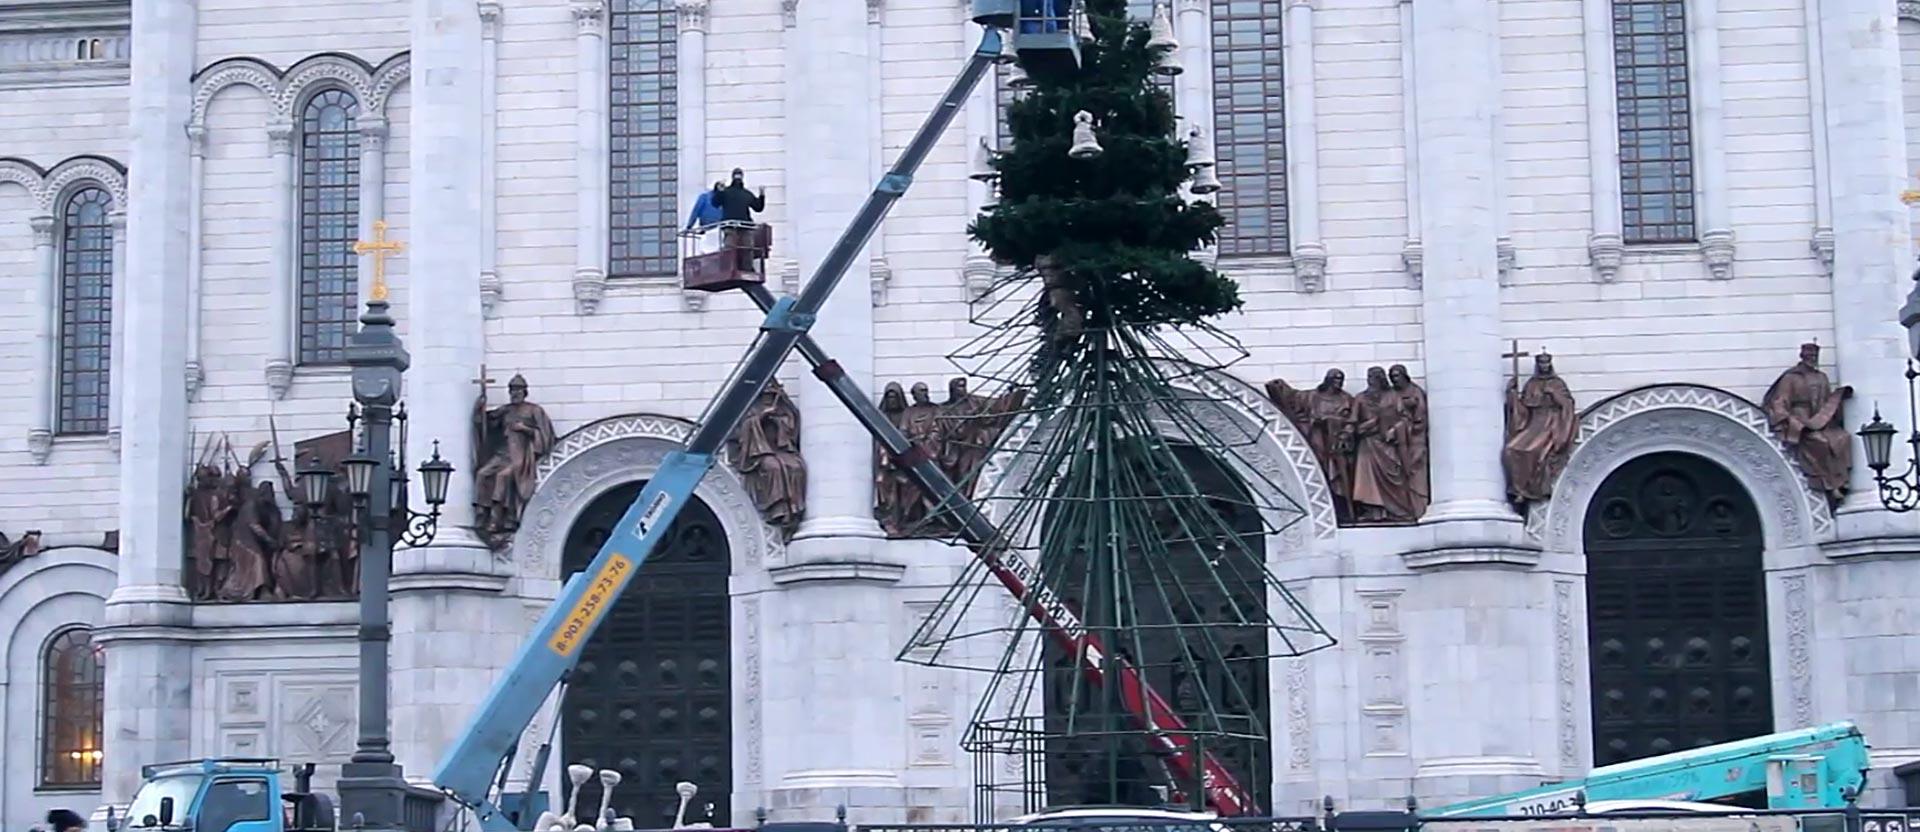 Монтаж Новогодней городской Елки у Храма Христа Спасителя